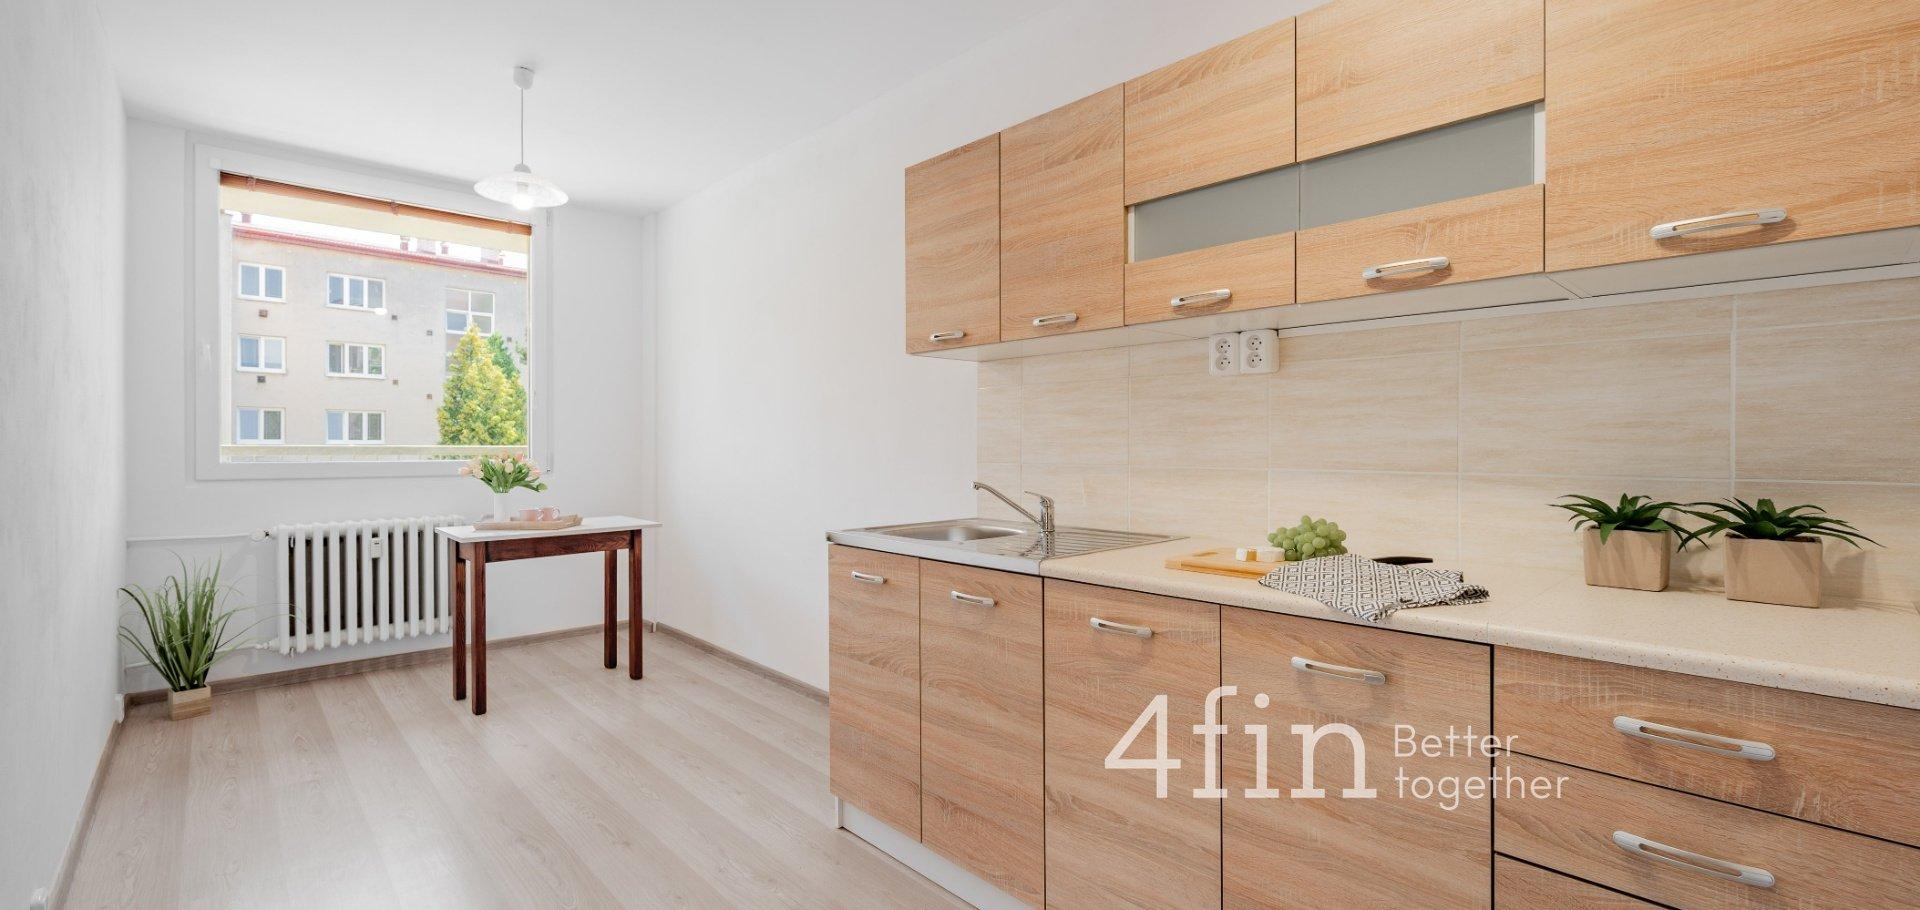 Prostorný byt 4+1 Žitenická, Čáslav - Čáslav-Nové Město